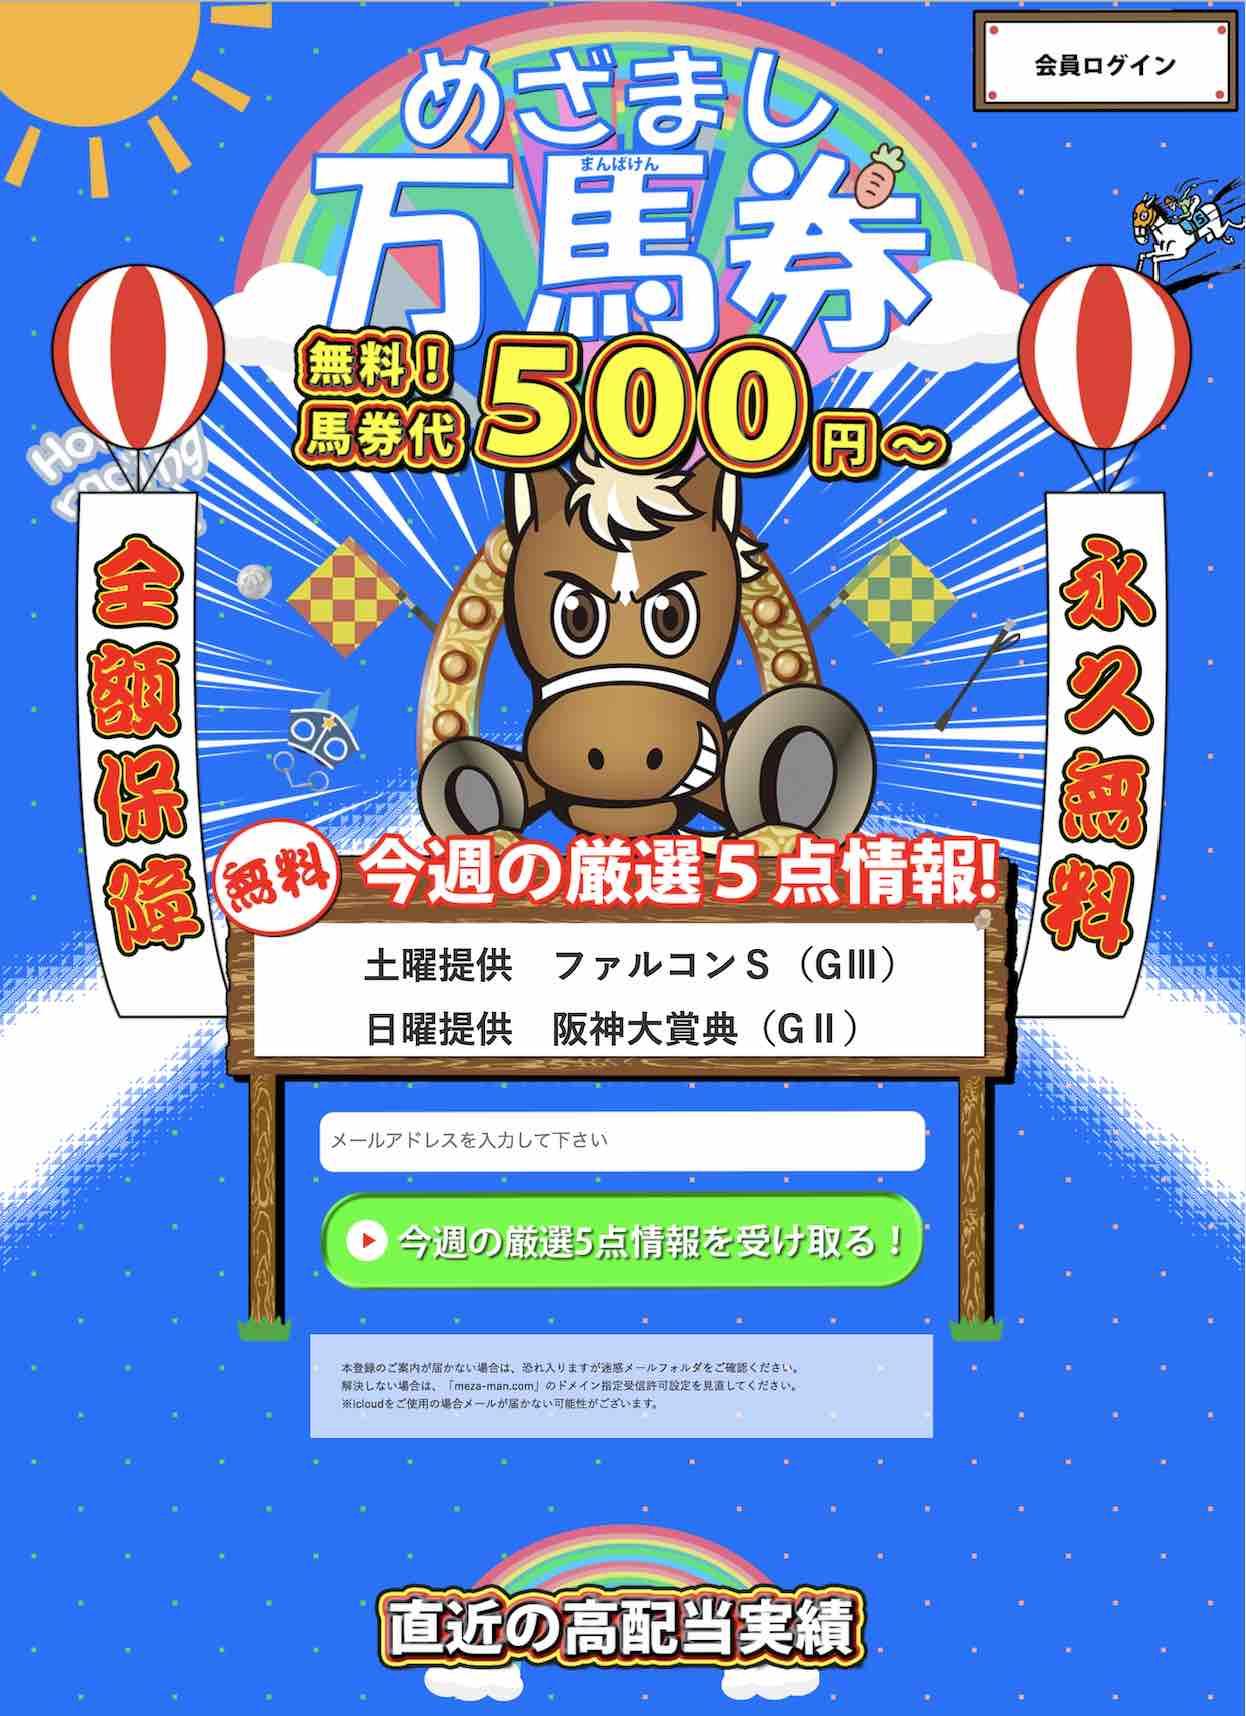 めざまし万馬券(目覚まし万馬券)という競馬予想サイトの非会員TOP